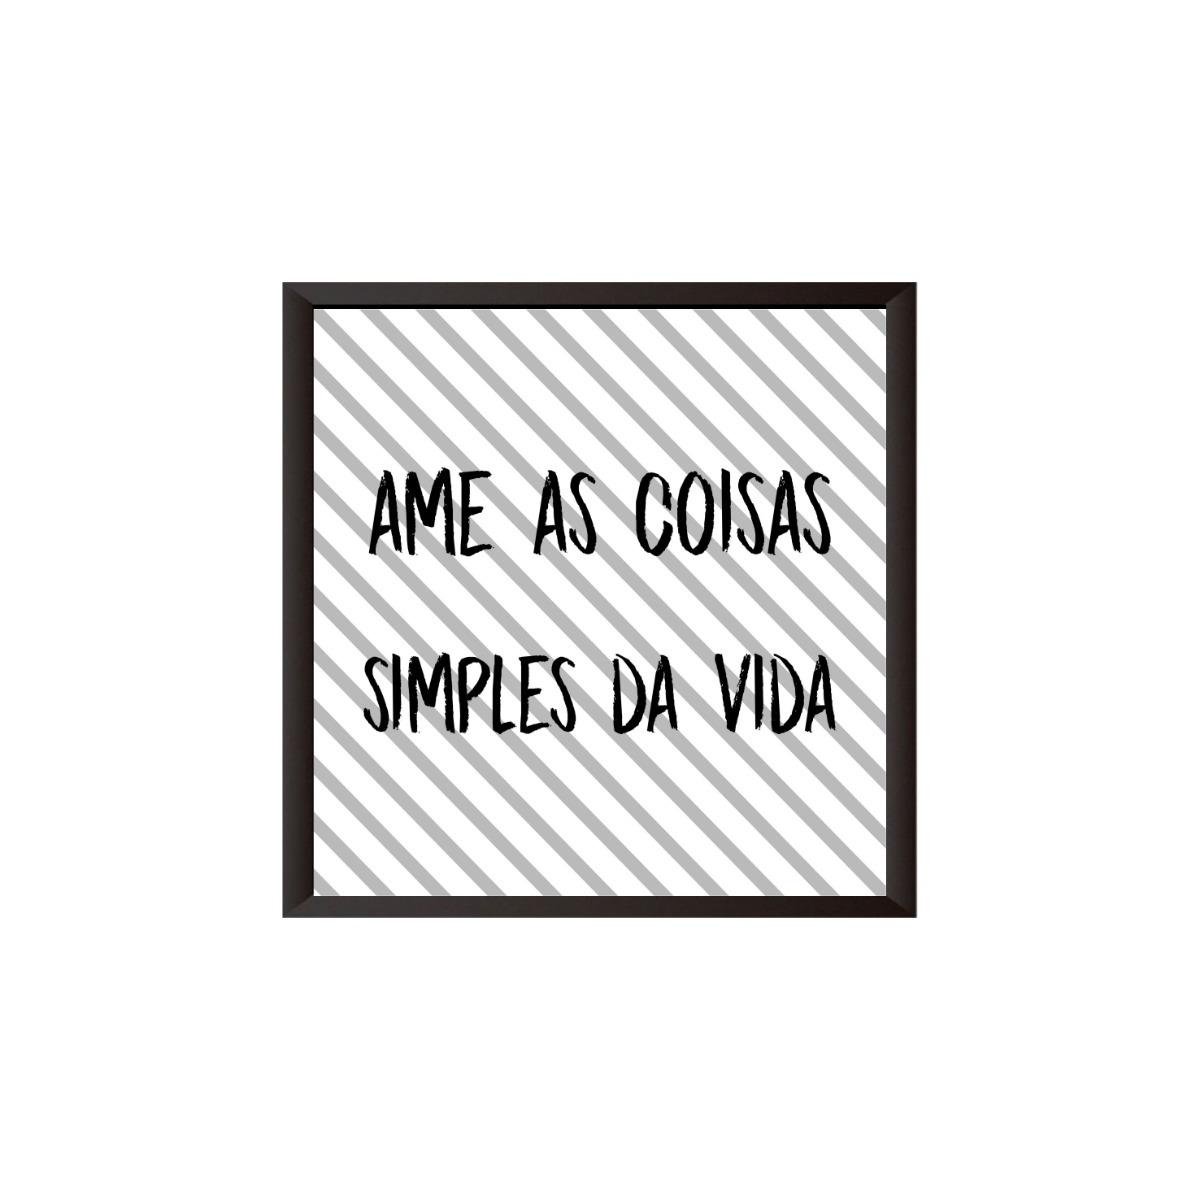 Quadro Decorativo Frase Amor Ame As Coisas Simples Da Vida R 39